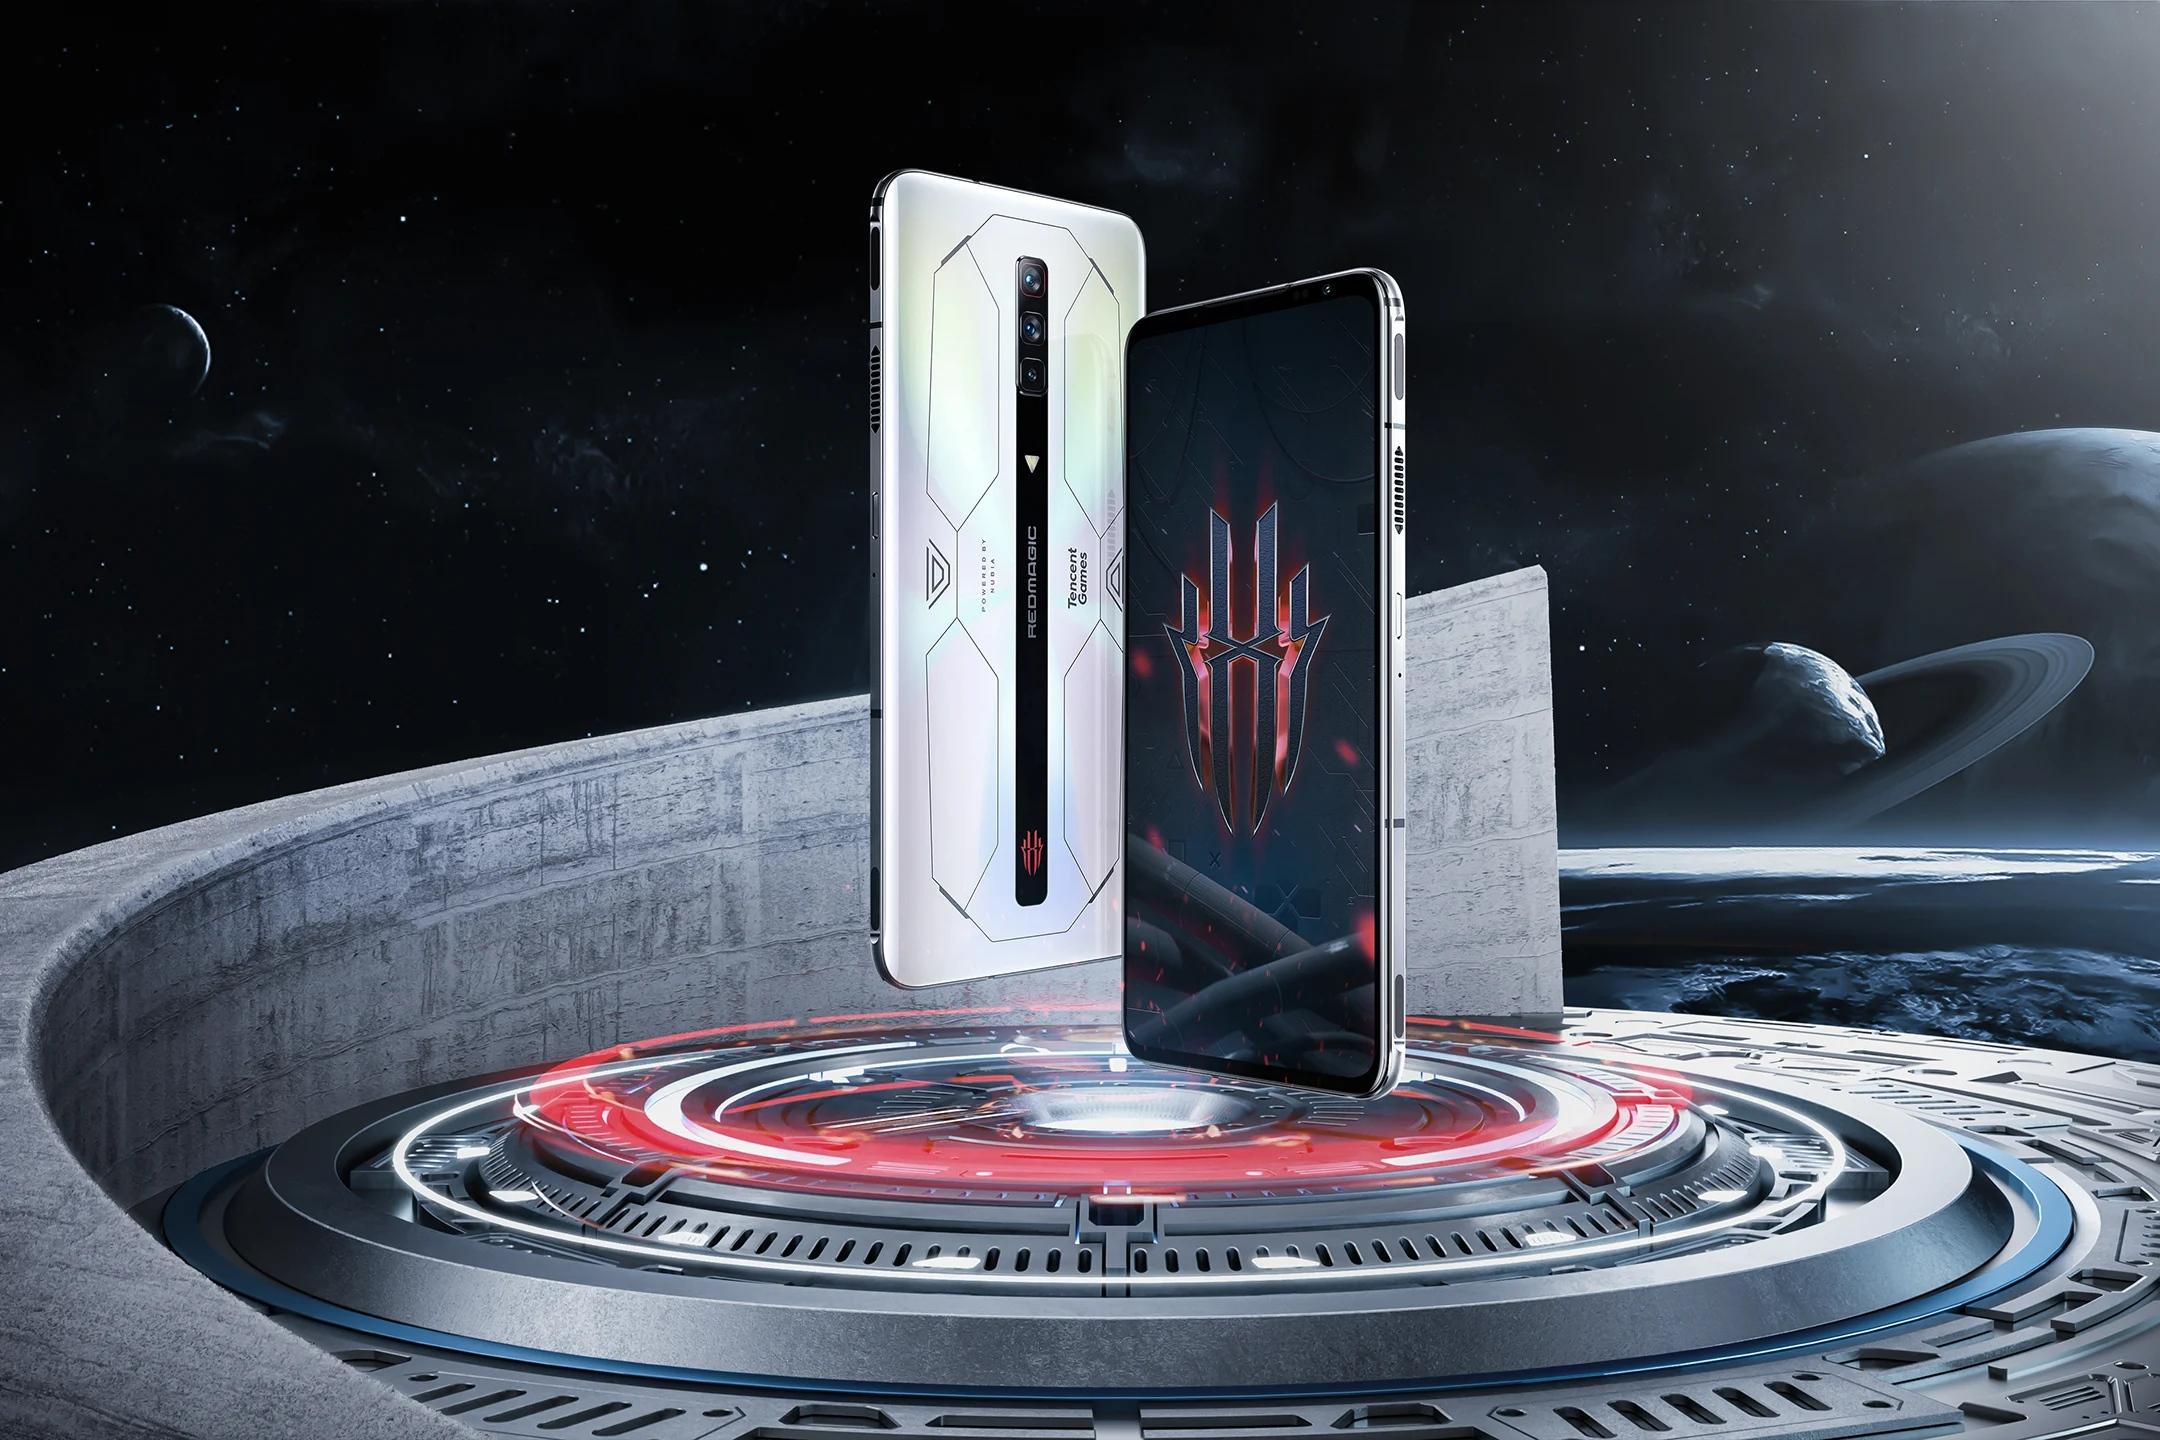 Смена лидера и сплошной Snapdragon 888: опубликован рейтинг самых мощных Android-смартфонов сентября по версии AnTuTu